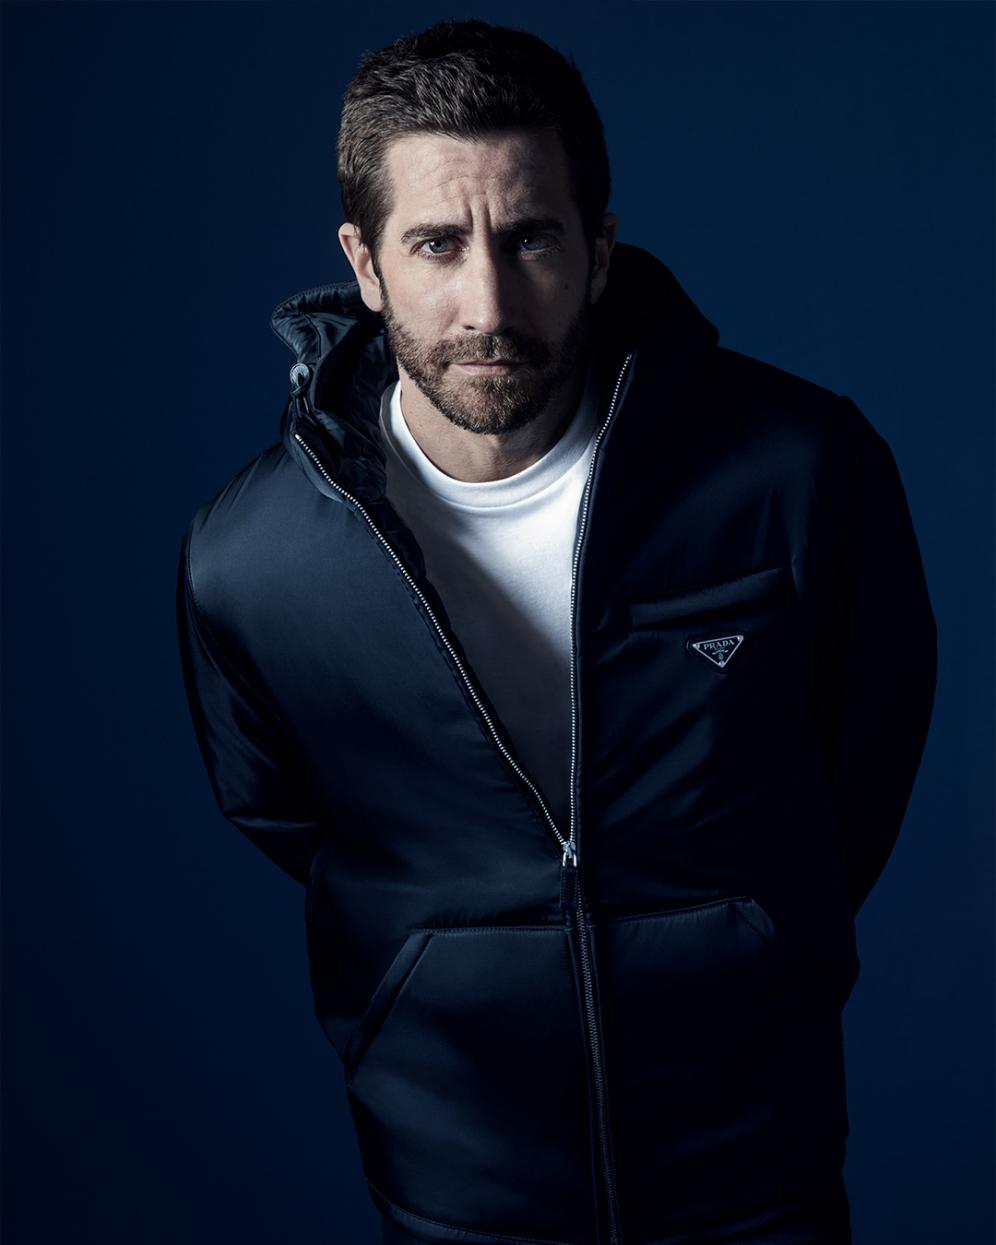 Jake Gyllenhaal for PRADA | Grooming & Skin